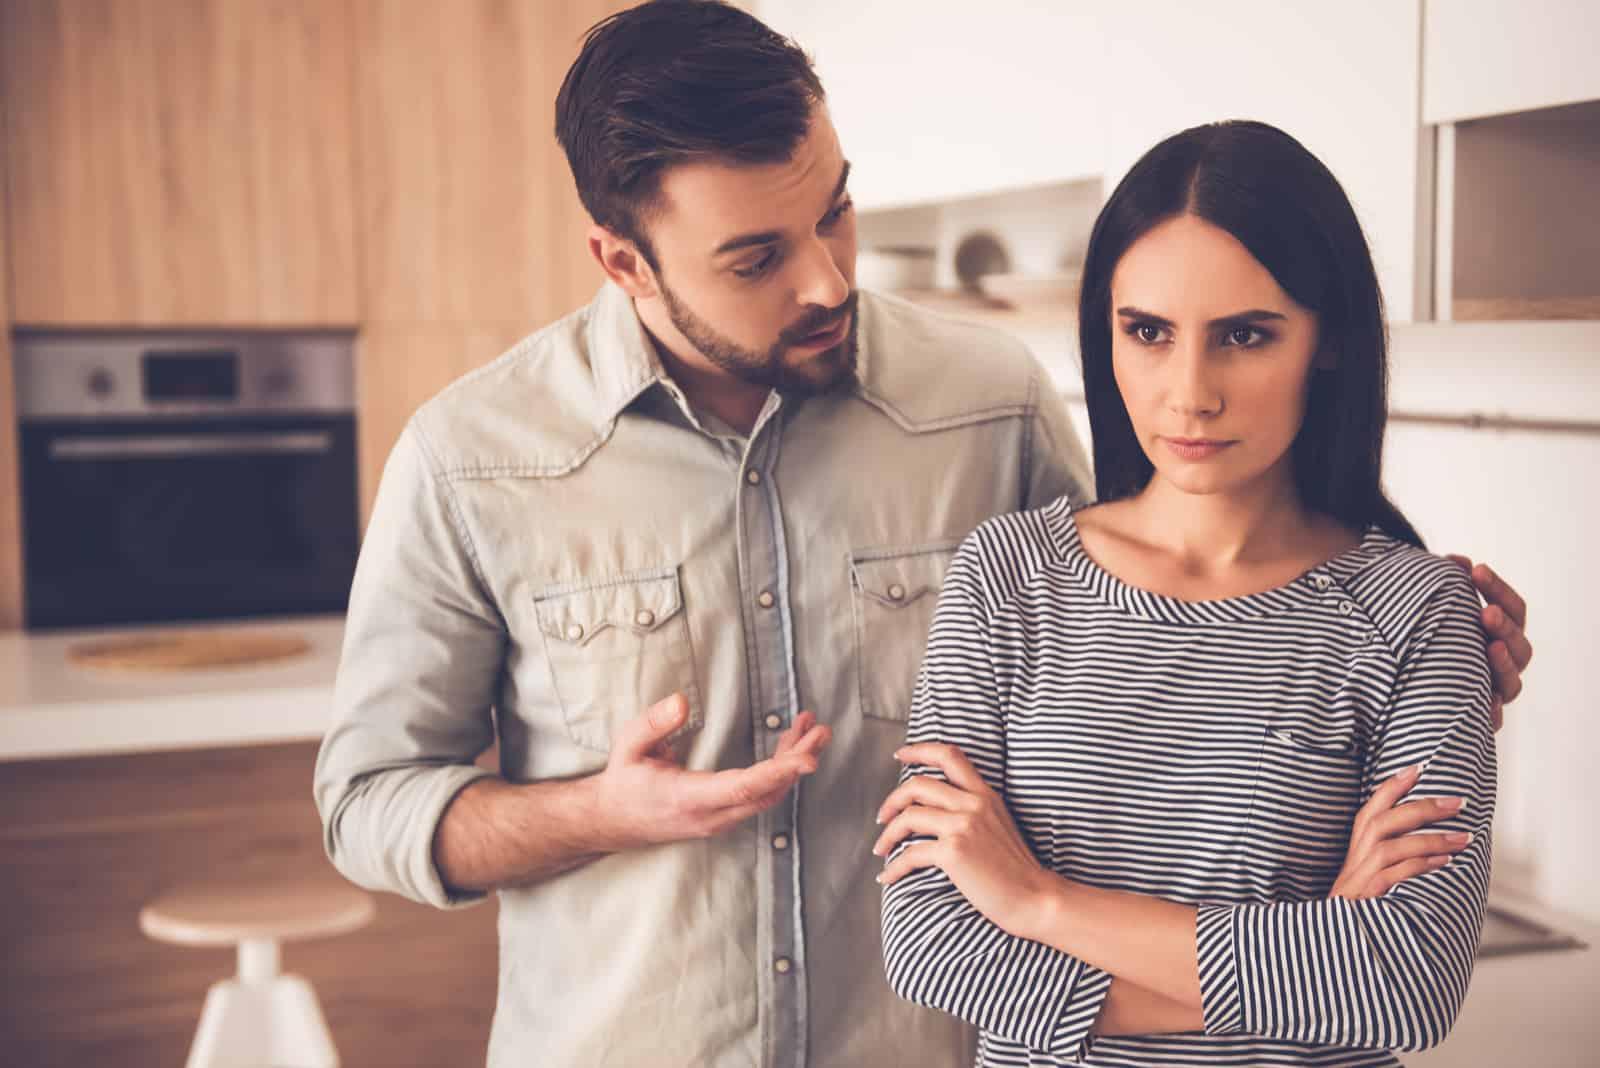 un homme se dispute avec une femme